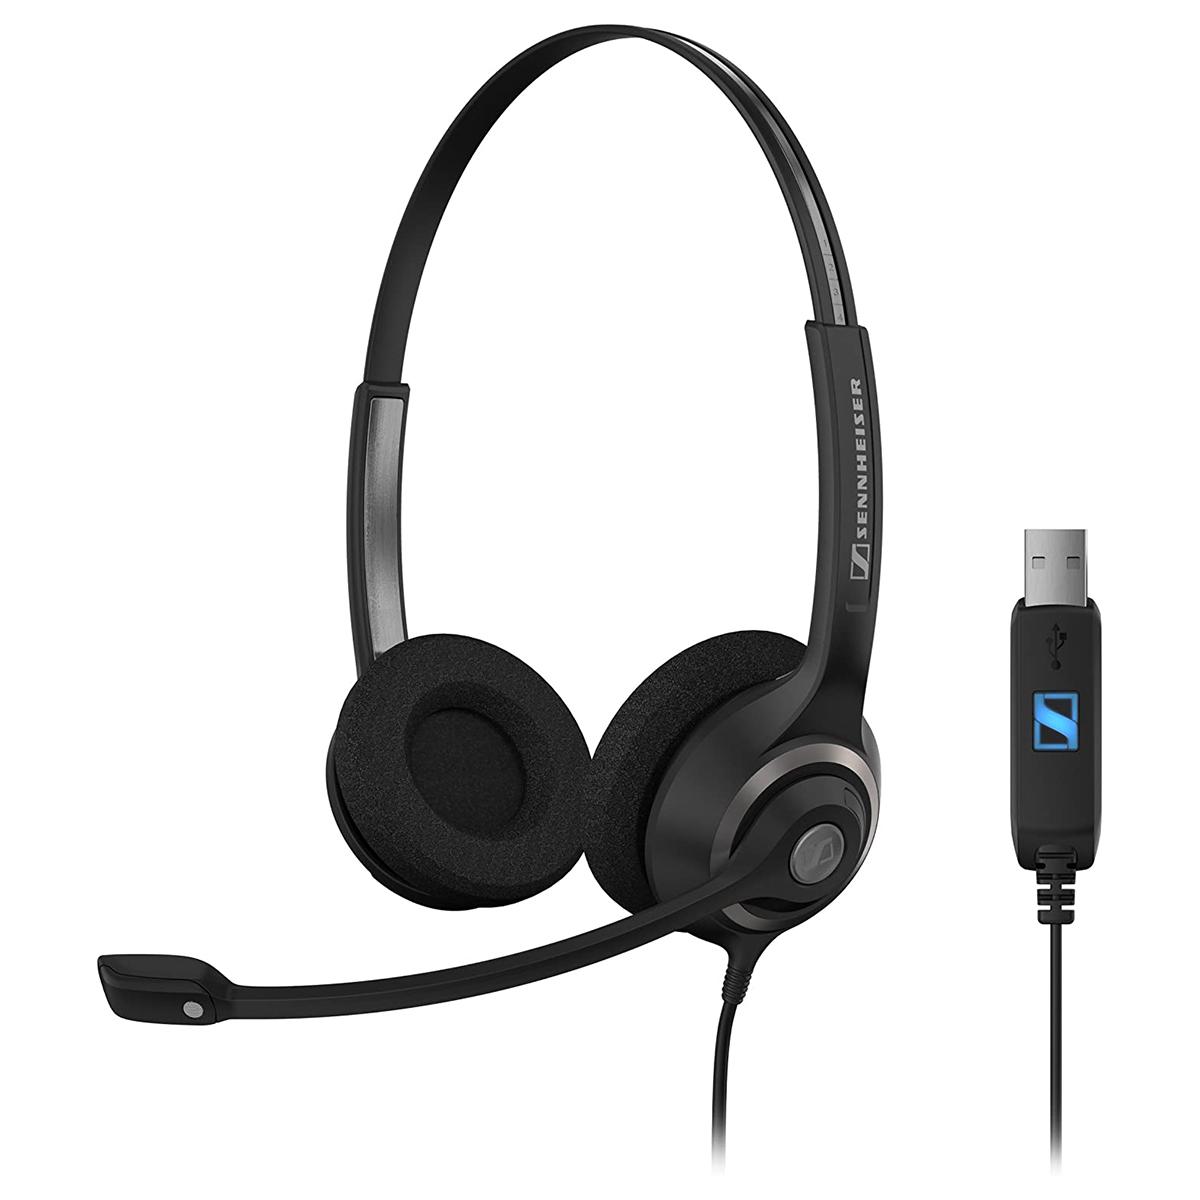 EPOS Sennheiser SC260 USB Stereo Headset